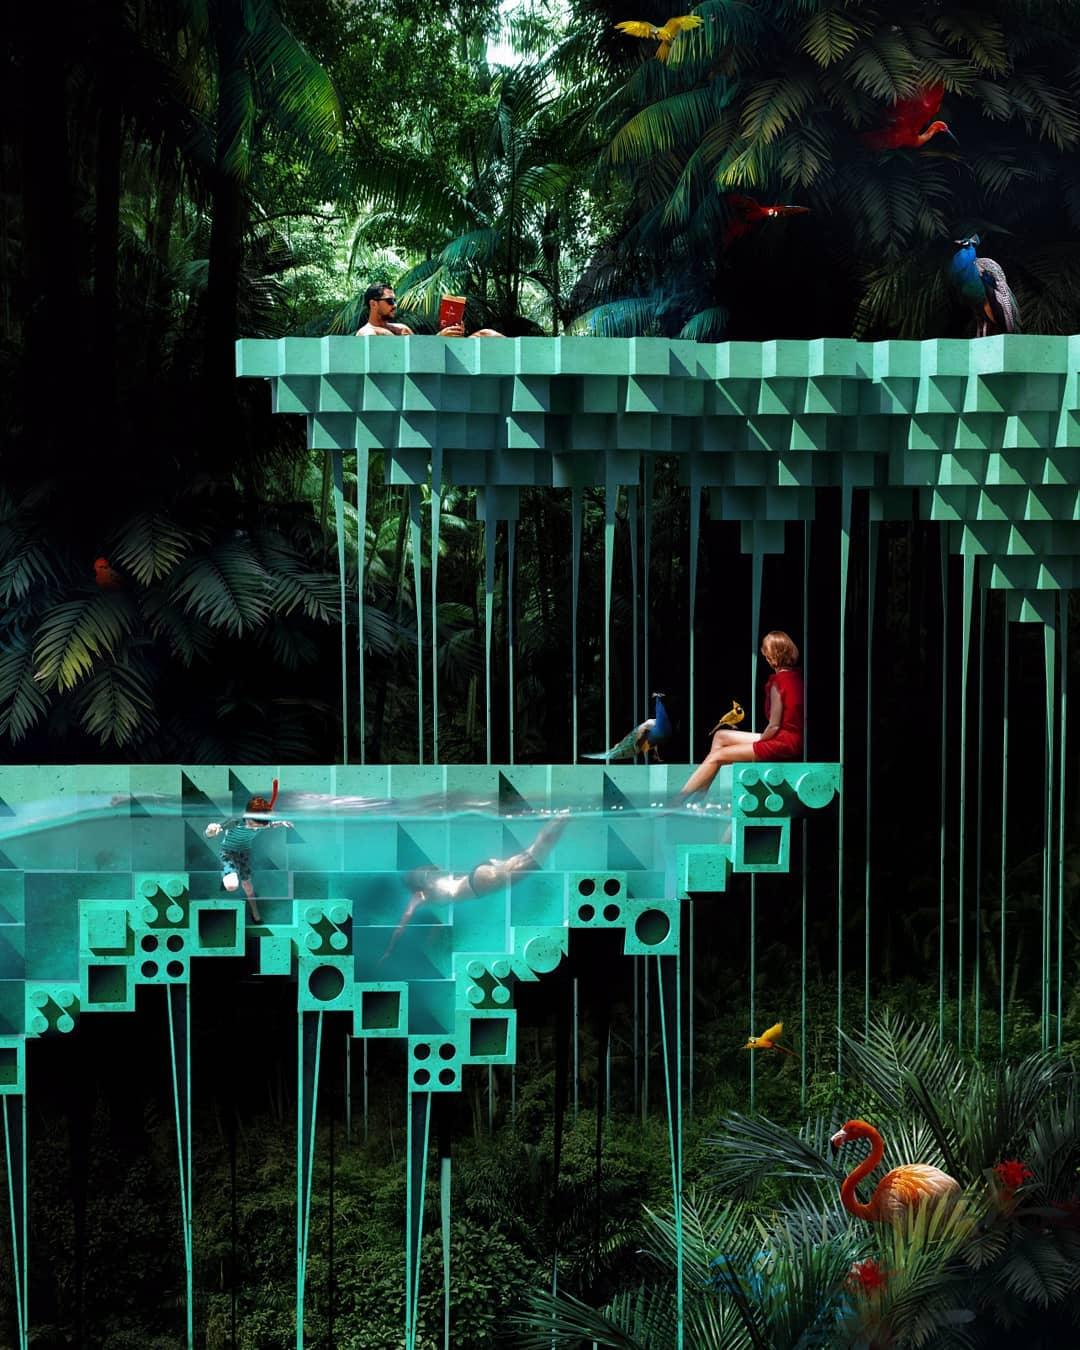 Многоуровневый бассейн в тропическом лесу